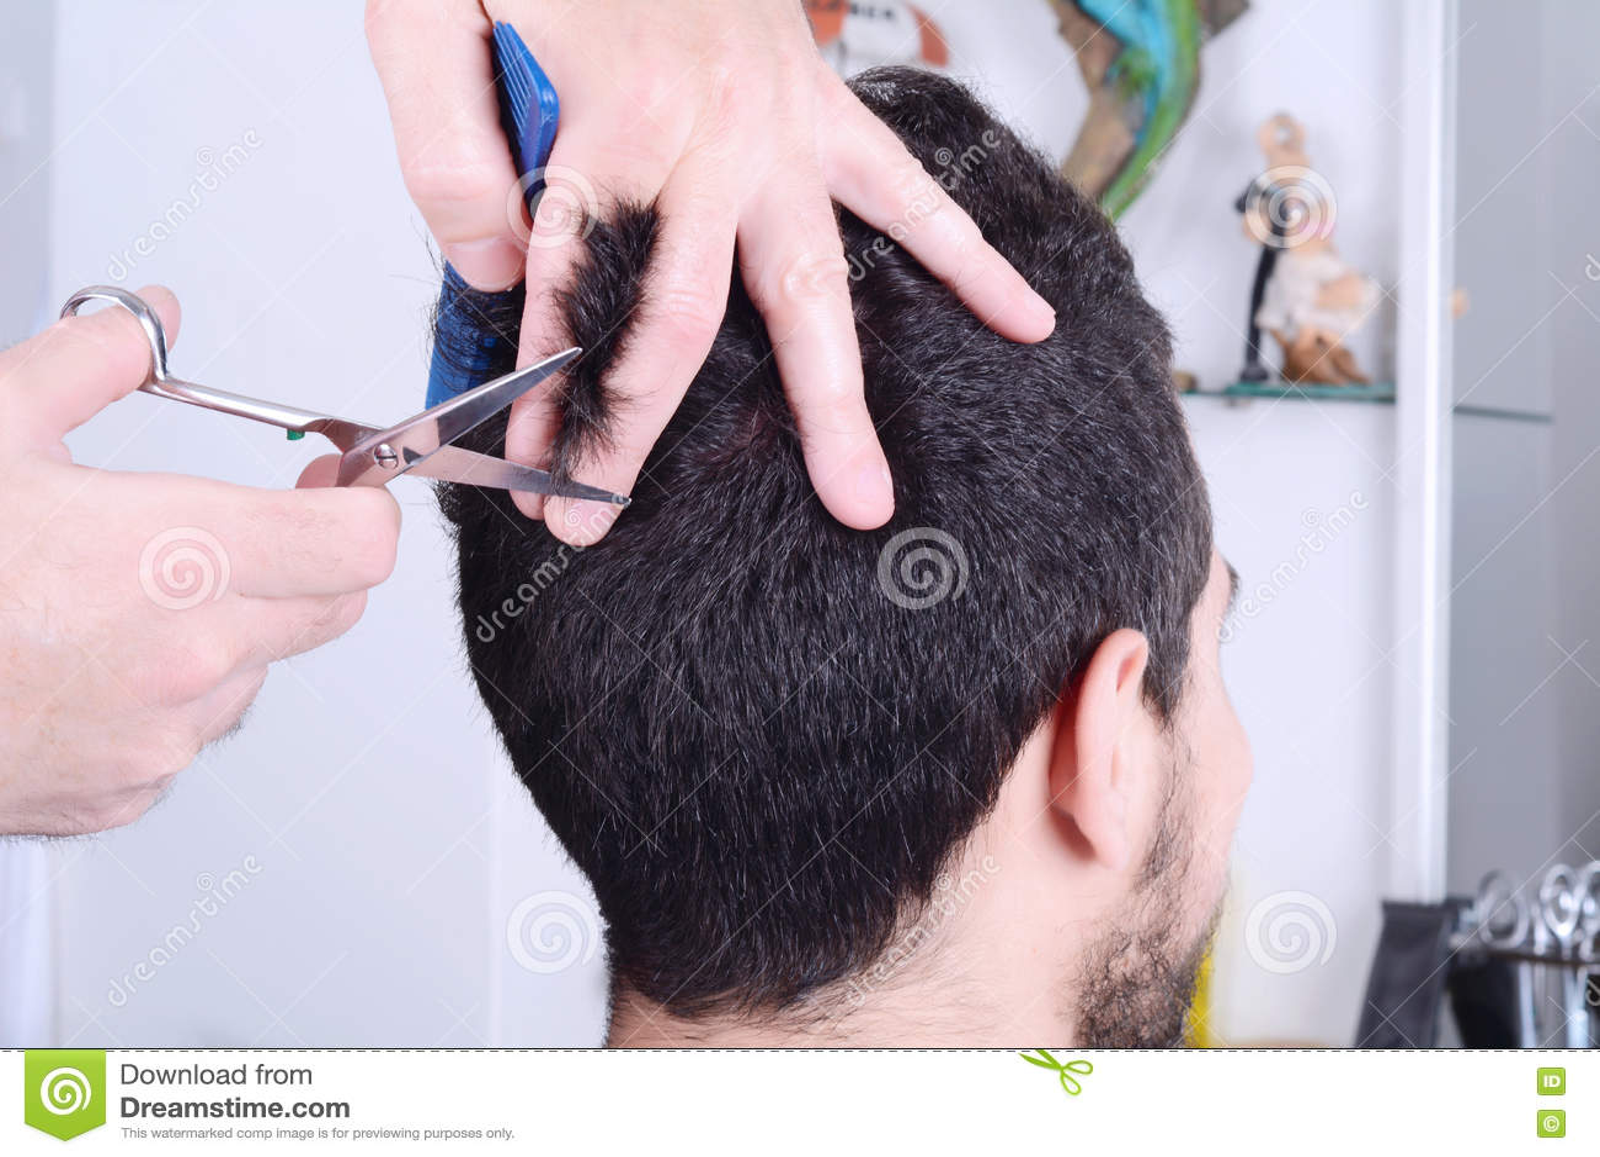 jeune homme ayant une coupe de cheveux avec des ciseaux. Black Bedroom Furniture Sets. Home Design Ideas